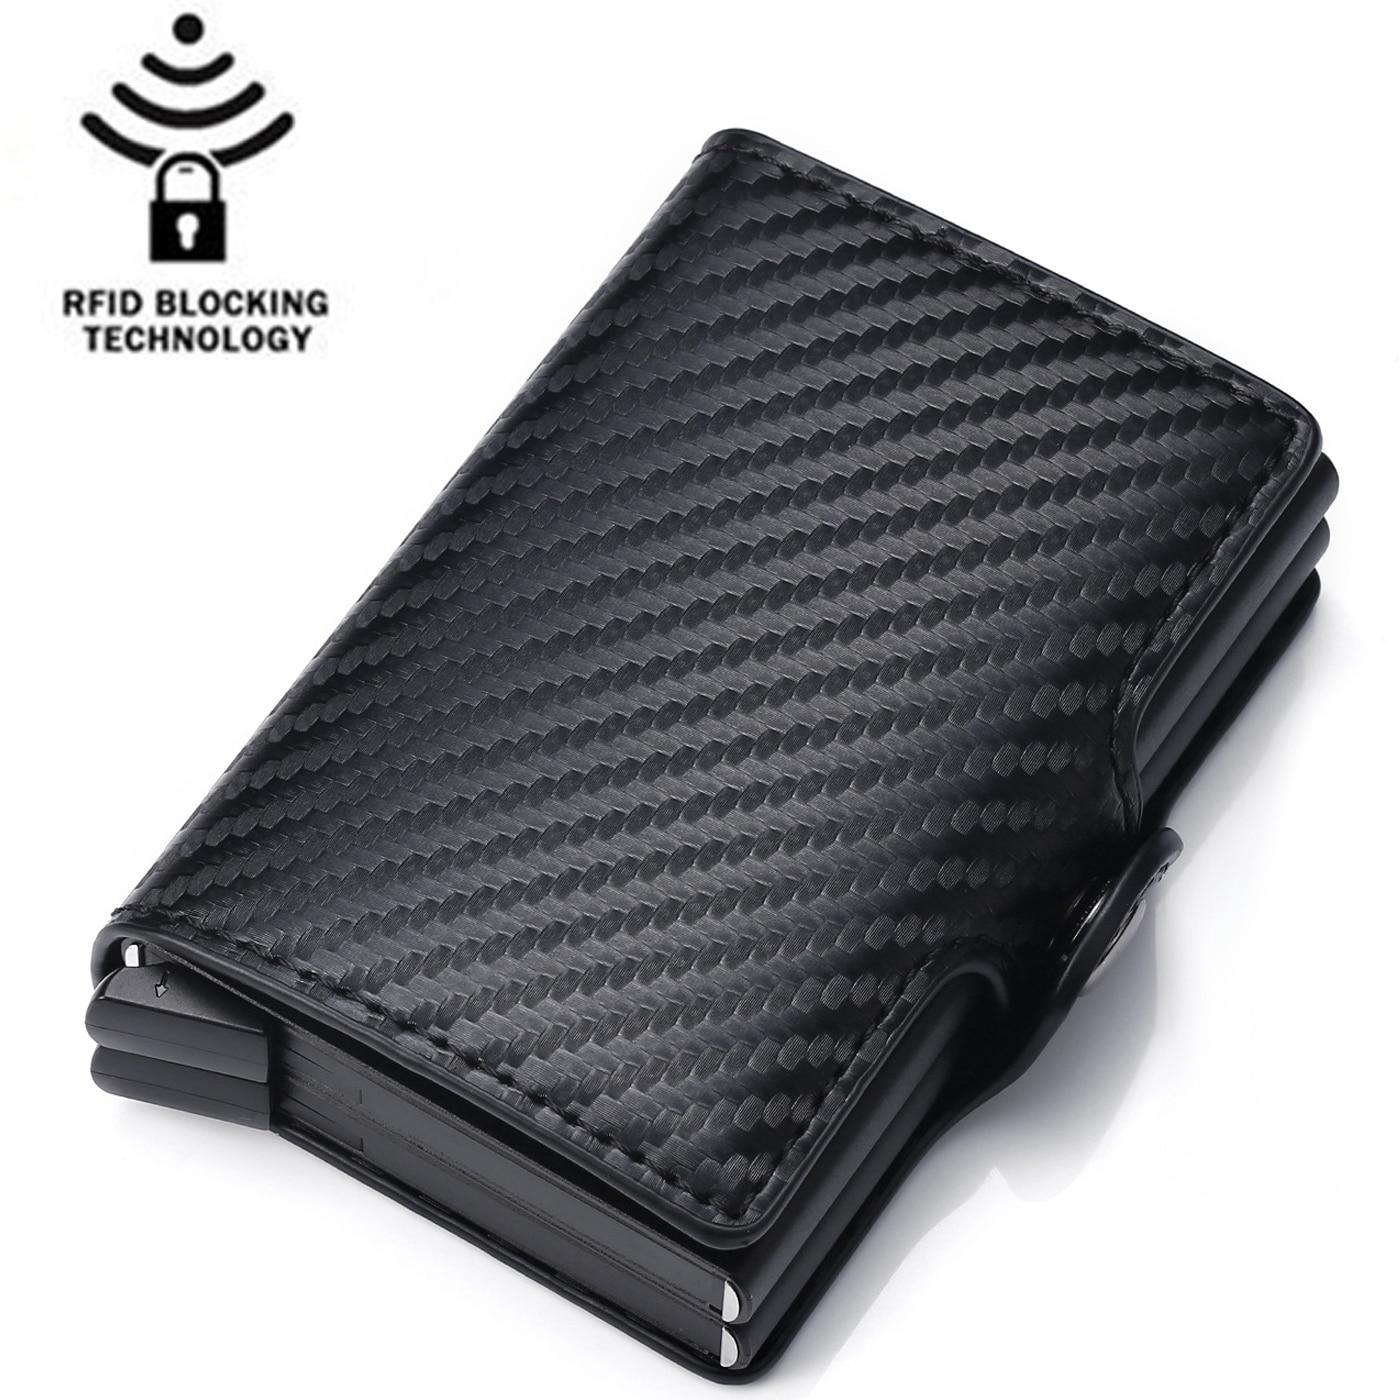 Moda masculina rfid fibra de carbono carteiras de couro do plutônio fino titular do cartão sacos de dinheiro bolsa preta pequena mini carteira masculina